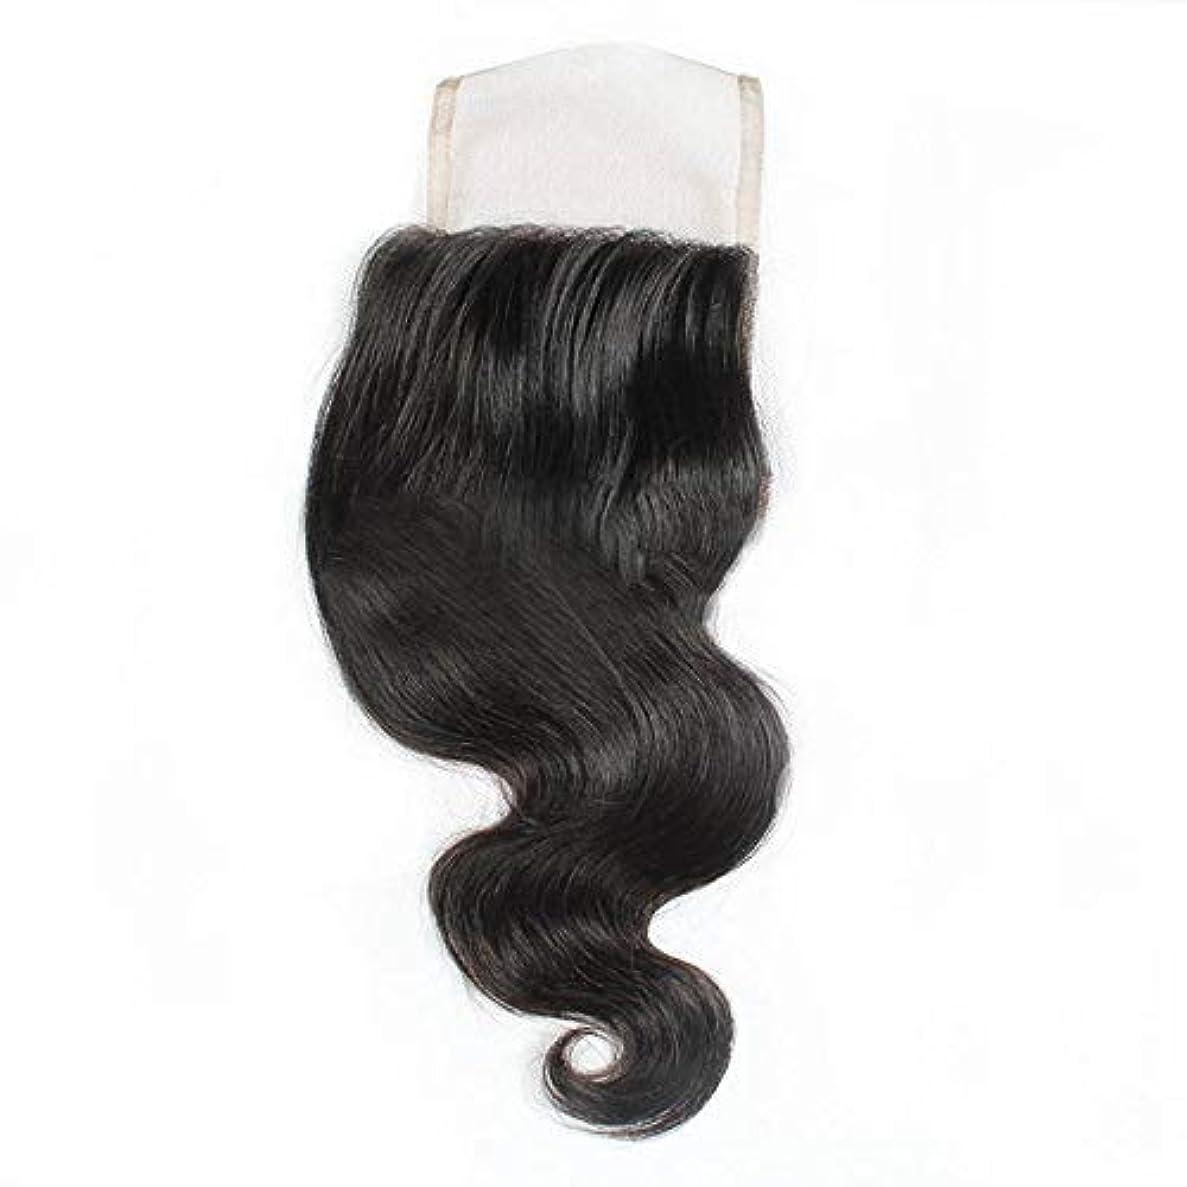 モードリン正確なアーサーコナンドイルBOBIDYEE 9aブラジル人毛フリーパート4 * 4レース前頭閉鎖ボディウェーブヘアロールプレイングかつら女性のかつら (色 : 黒, サイズ : 14 inch)